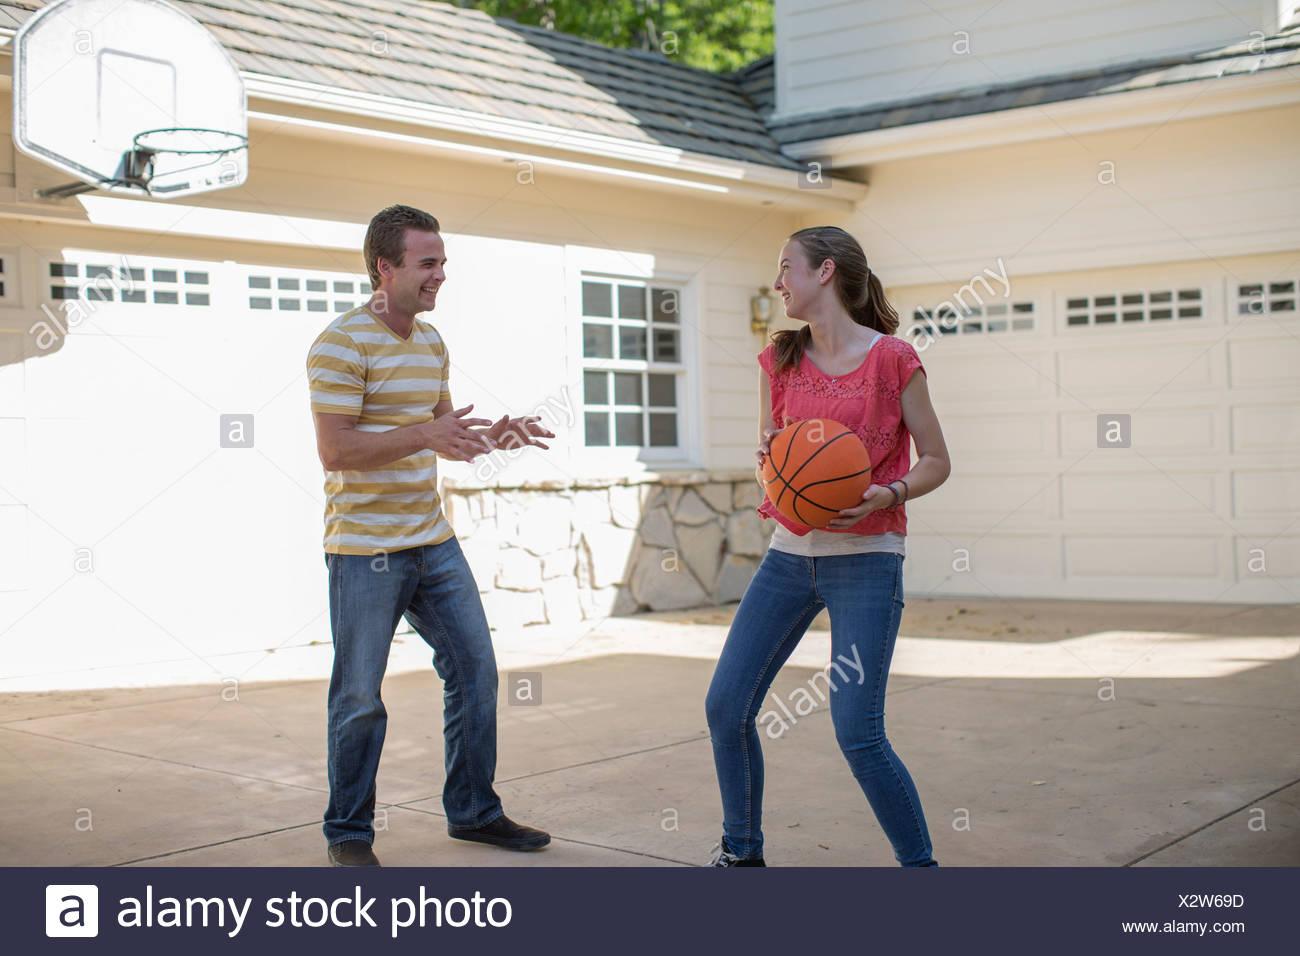 Frère et sœur jouant au basket-ball Photo Stock